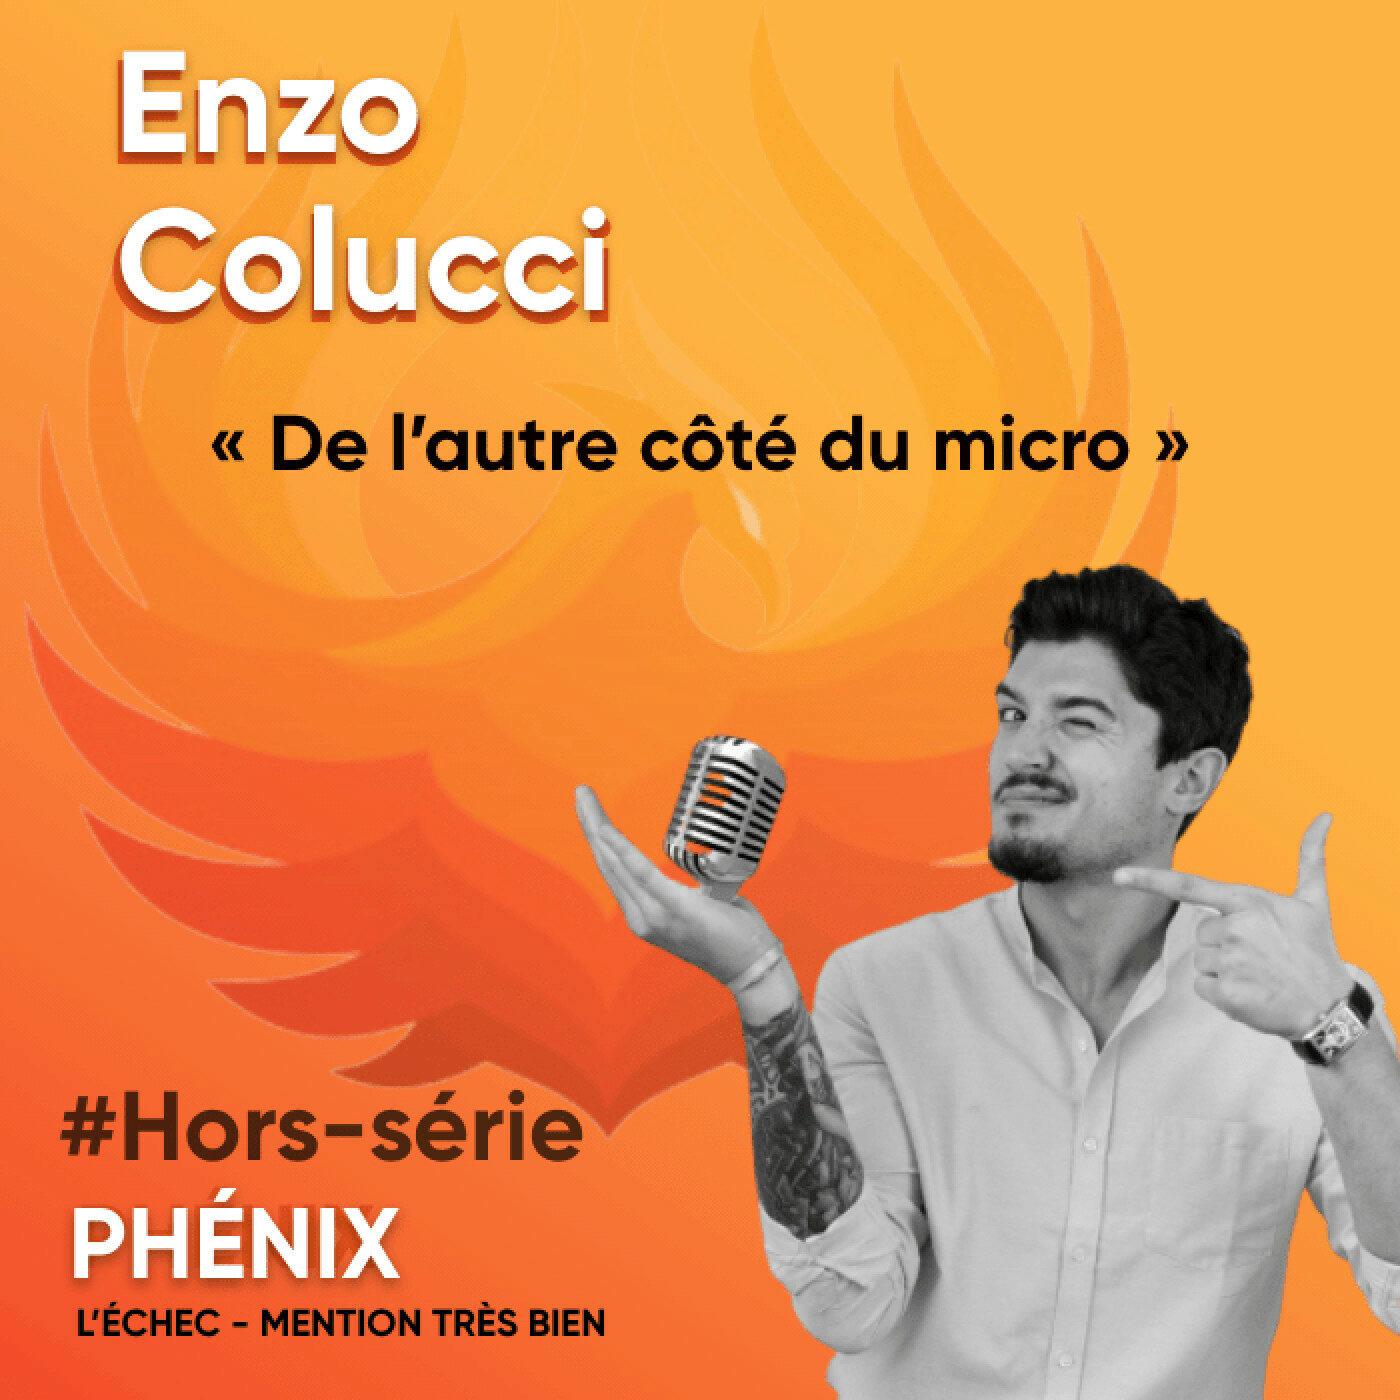 #Hors-série - Enzo Colucci : de l'autre côté du micro